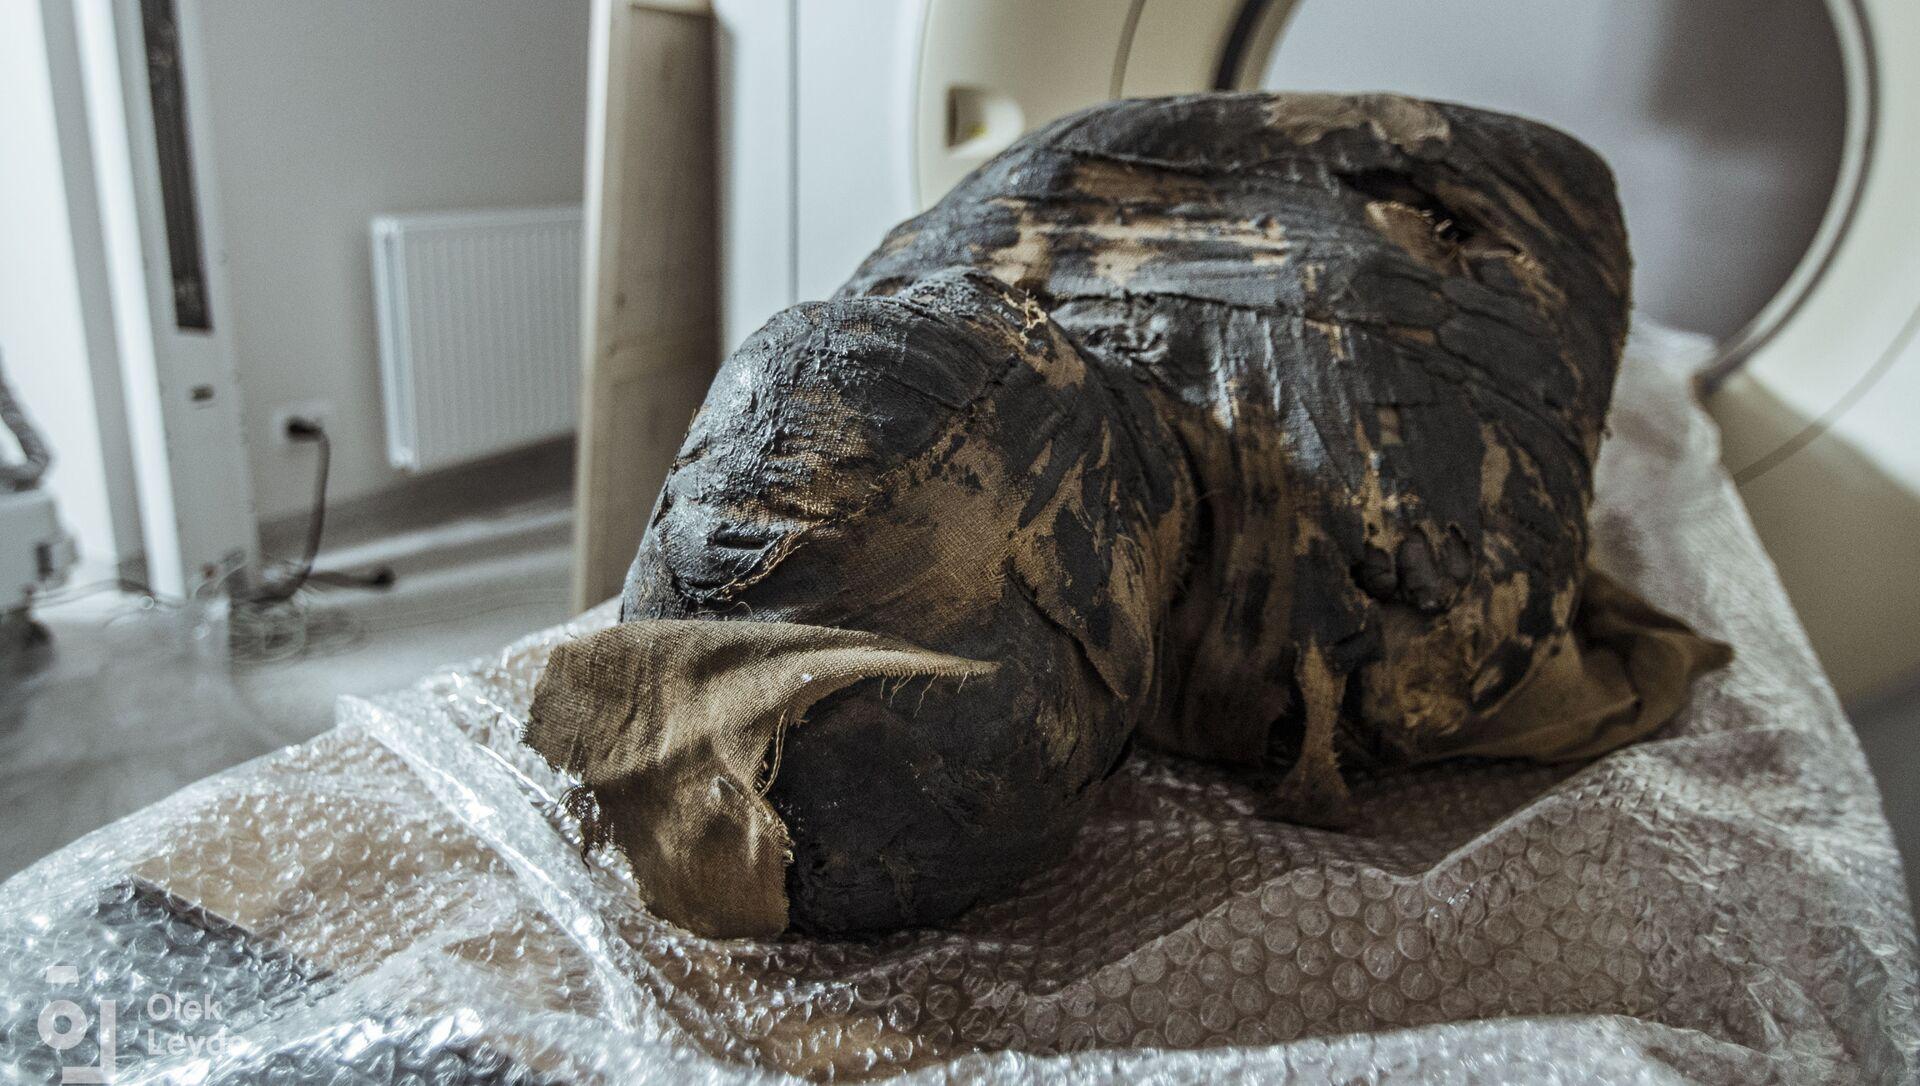 L'esame radiologico di un'antica mummia rinvenuta nelle tombe reali dell'Alto Egitto ha dimostrato che si tratta del corpo di una donna incinta. - Sputnik Italia, 1920, 11.05.2021